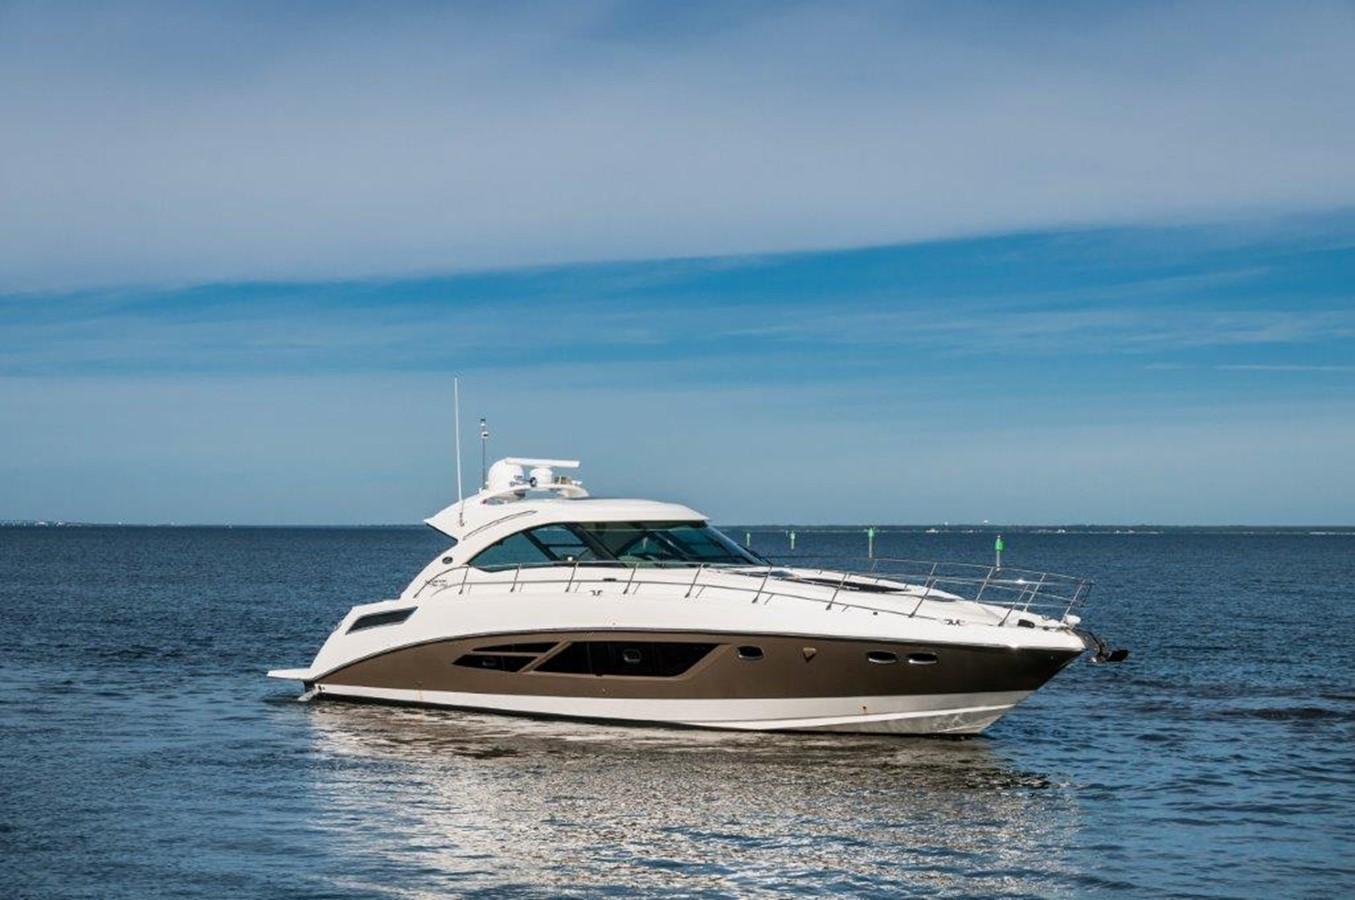 2013 SEA RAY 540 Sundancer For Sale